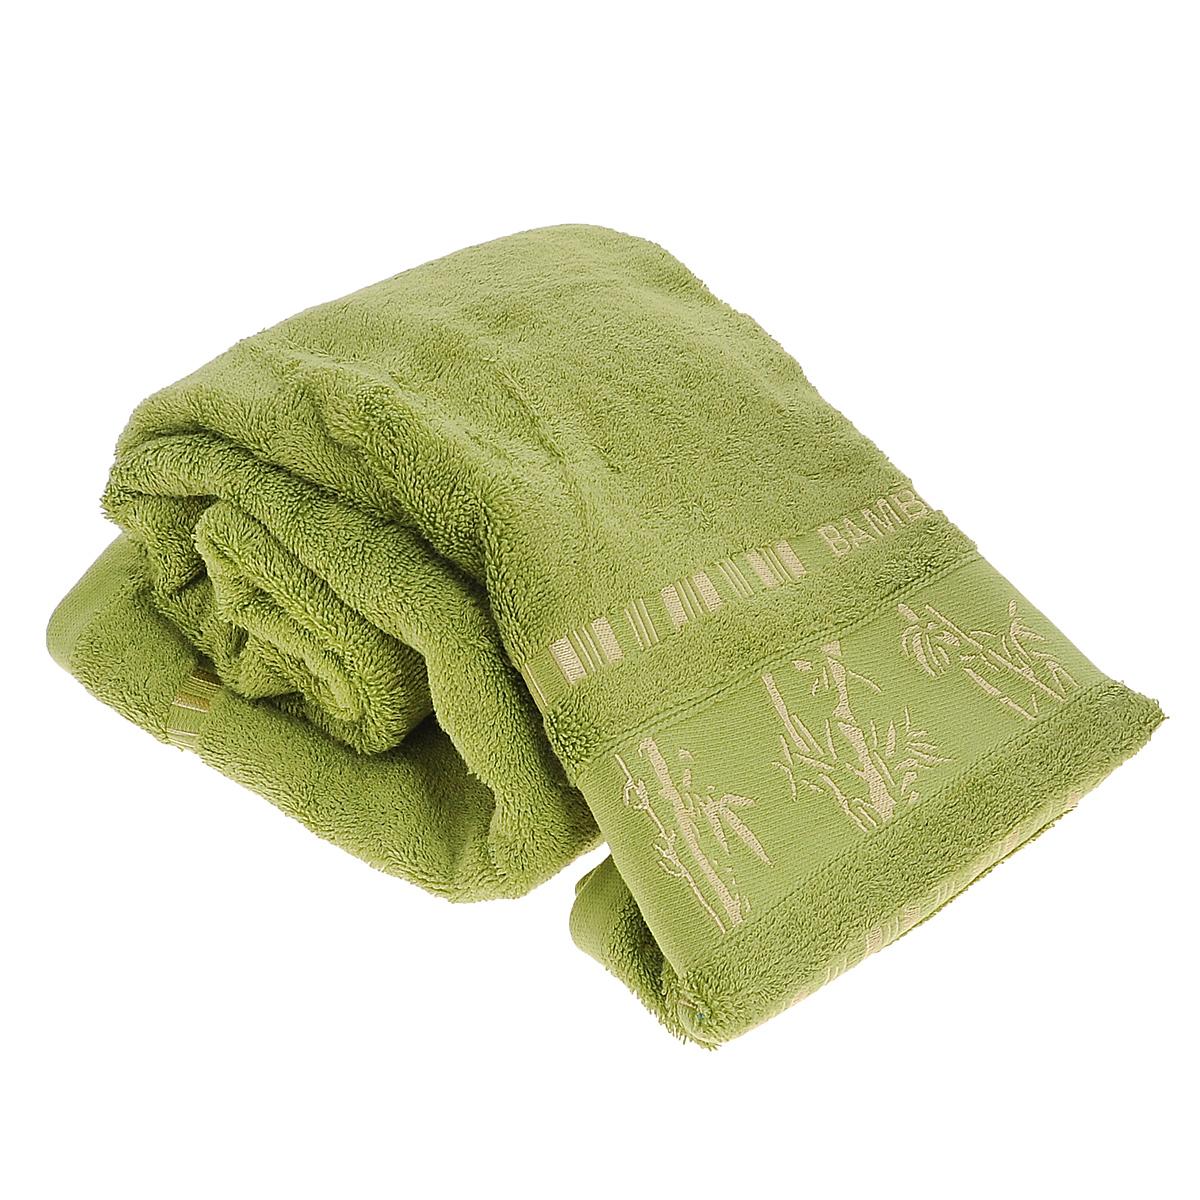 Полотенце Mariposa Bamboo, цвет: зеленый, 70 см х 140 см62352Полотенце Mariposa Bamboo, изготовленное из 60% бамбука и 40% хлопка, подарит массу положительных эмоций и приятных ощущений. Полотенца из бамбука только издали похожи на обычные. На самом деле, при первом же прикосновении вы ощутите невероятную мягкость и шелковистость. Таким полотенцем не нужно вытираться - только коснитесь кожи - и ткань сама все впитает! Несмотря на богатую плотность и высокую петлю полотенца, оно быстро сохнет, остается легким даже при намокании. Благородный тон создает уют и подчеркивает лучшие качества махровой ткани. Полотенце Mariposa Bamboo станет достойным выбором для вас и приятным подарком для ваших близких.